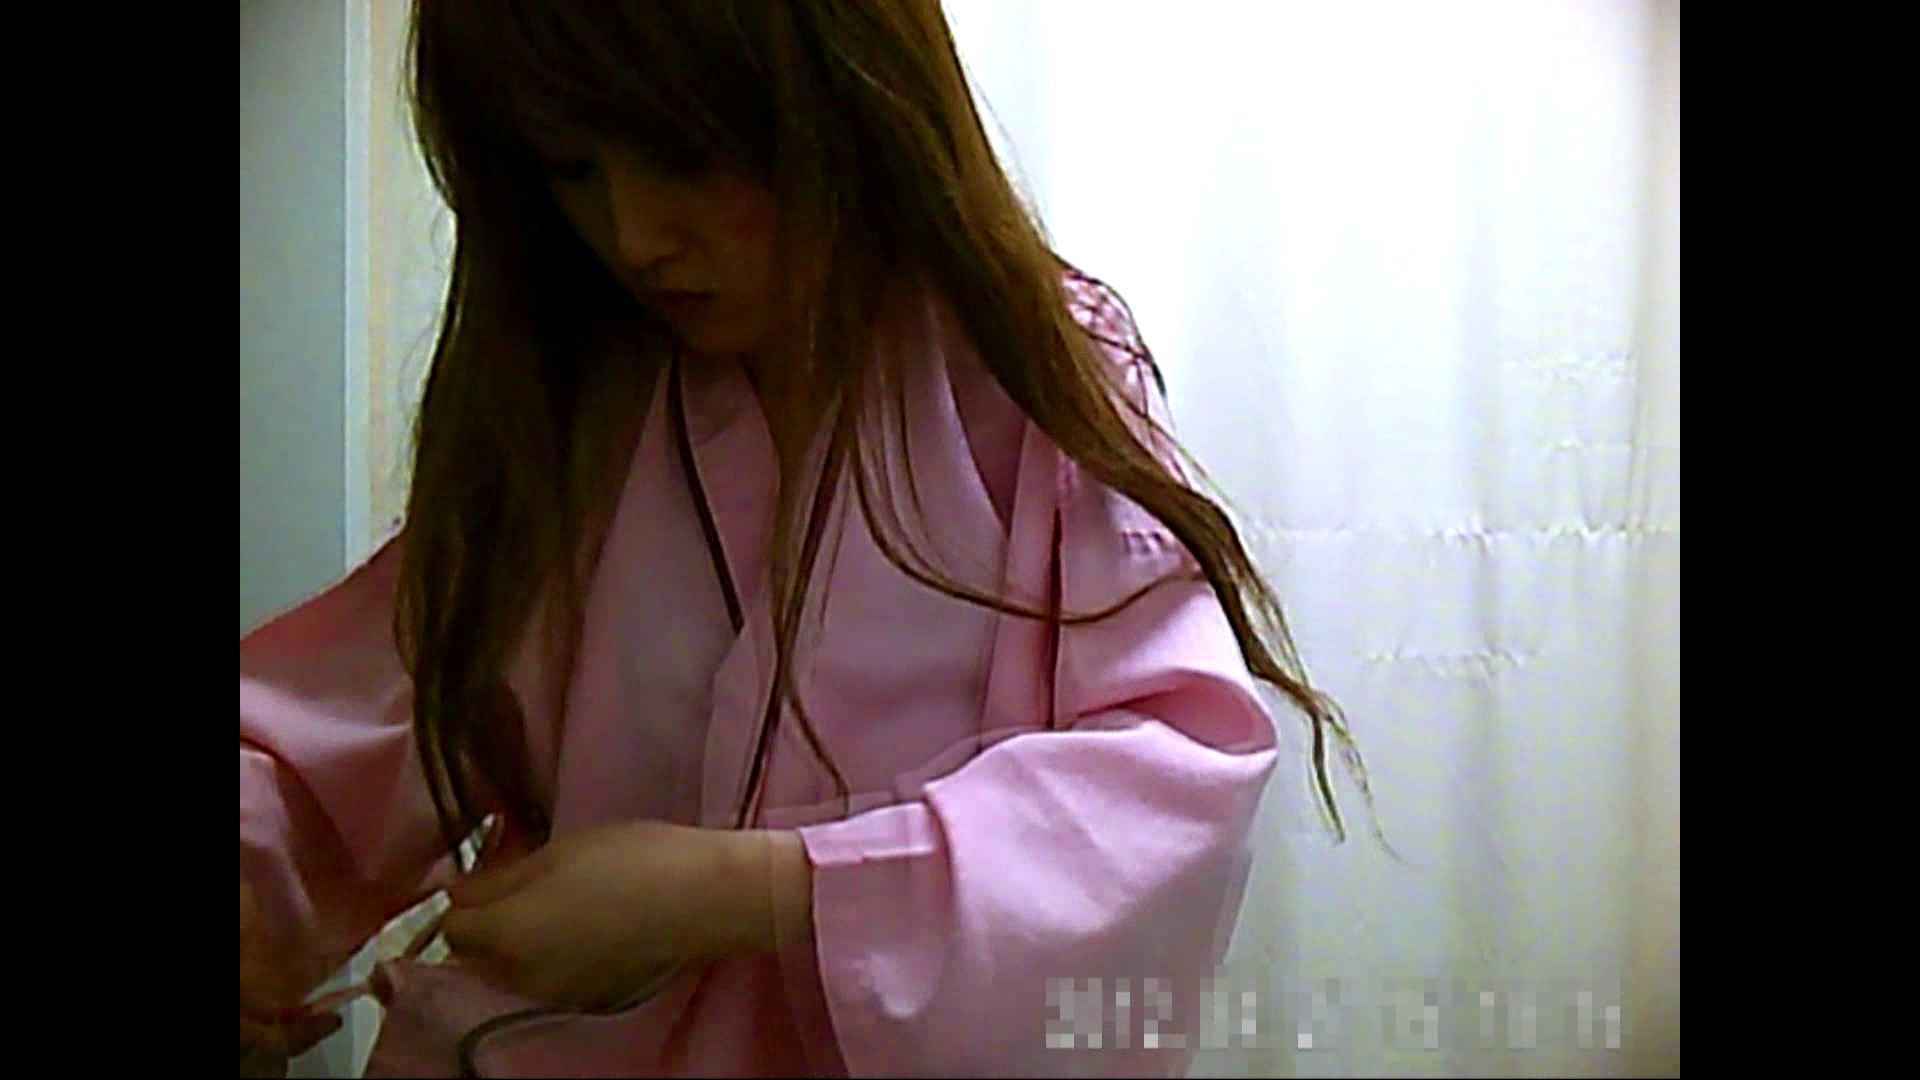 元医者による反抗 更衣室地獄絵巻 vol.004 OL  94pic 43